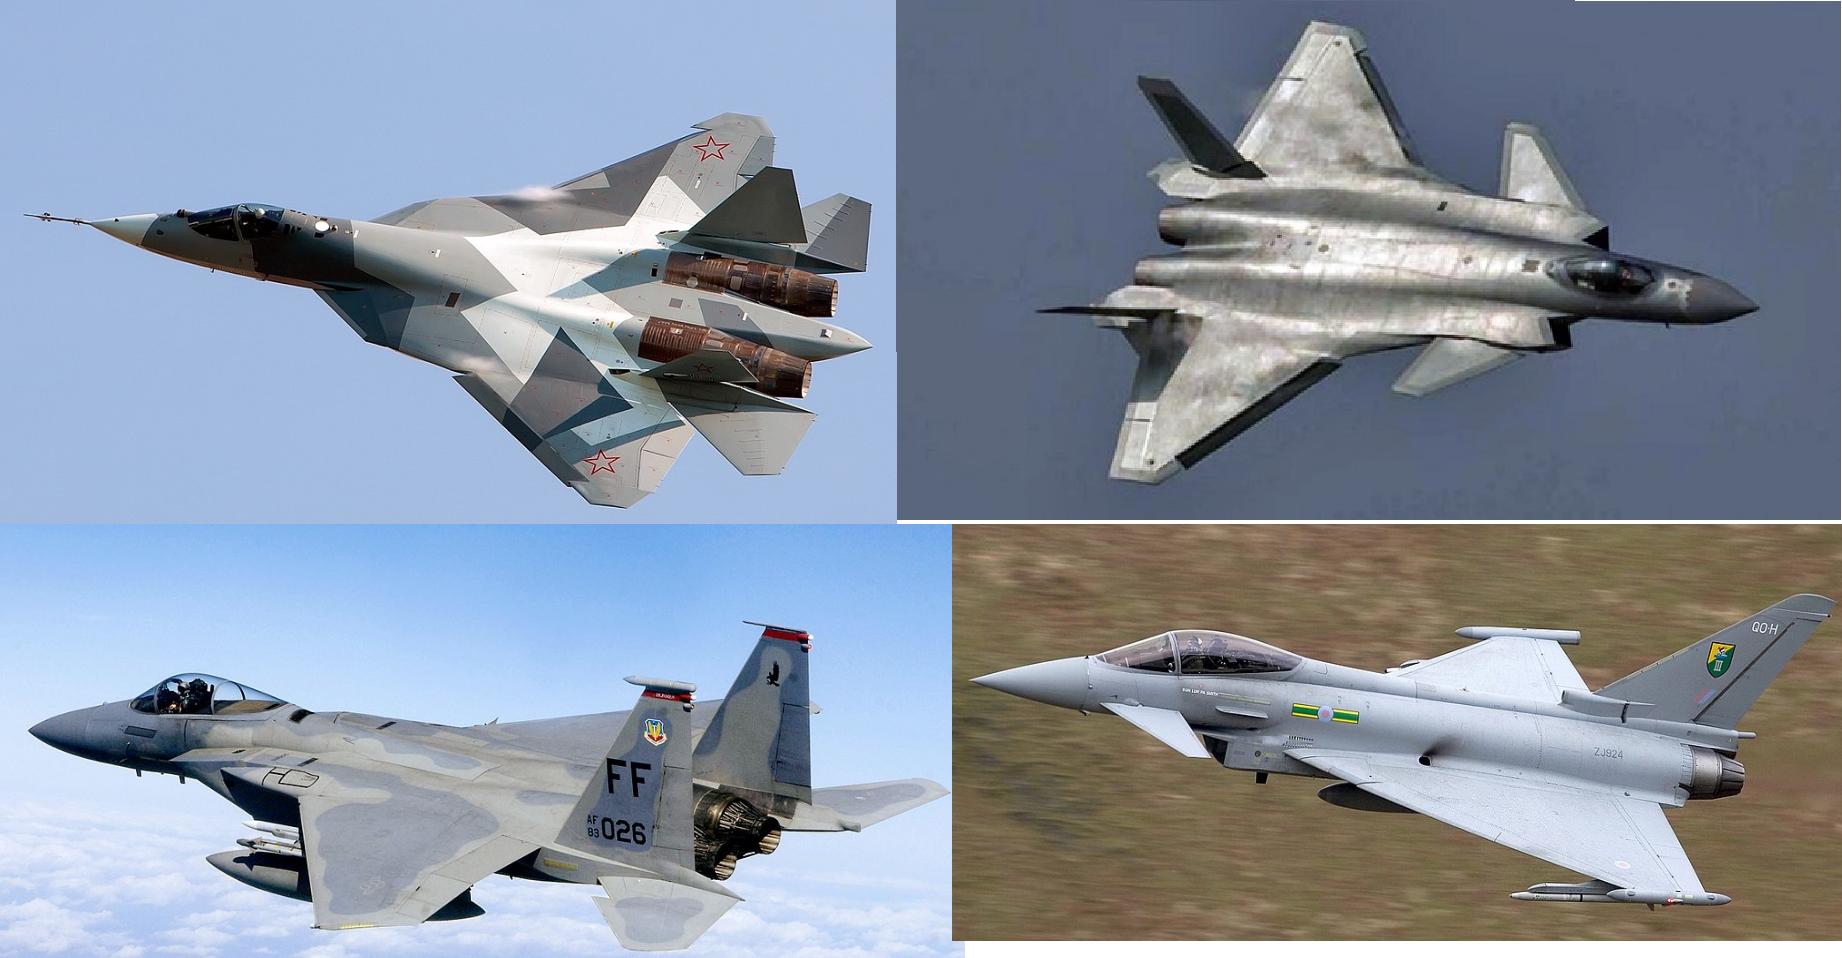 Air superiority combat aircraft